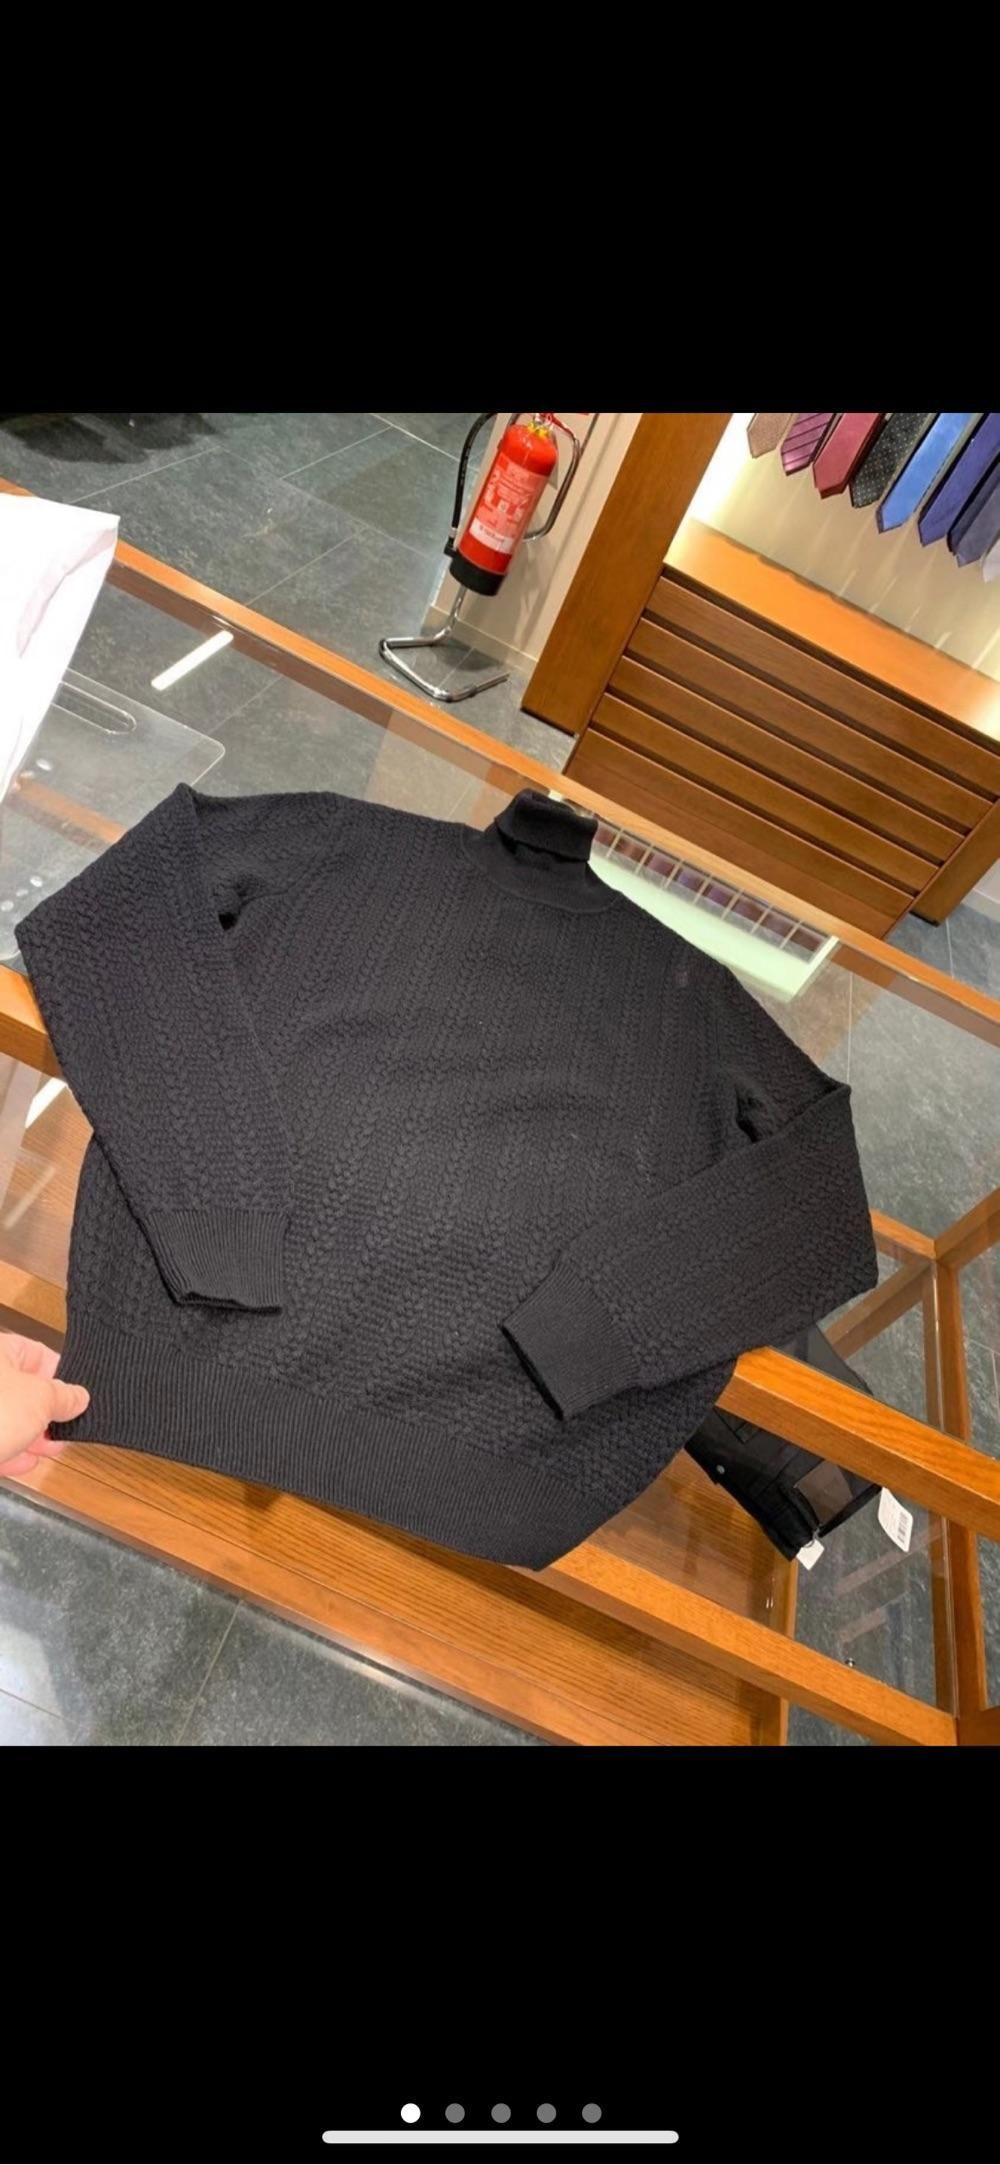 杰尼亚 年终折扣!山羊绒,厚款油条纹高领毛衣